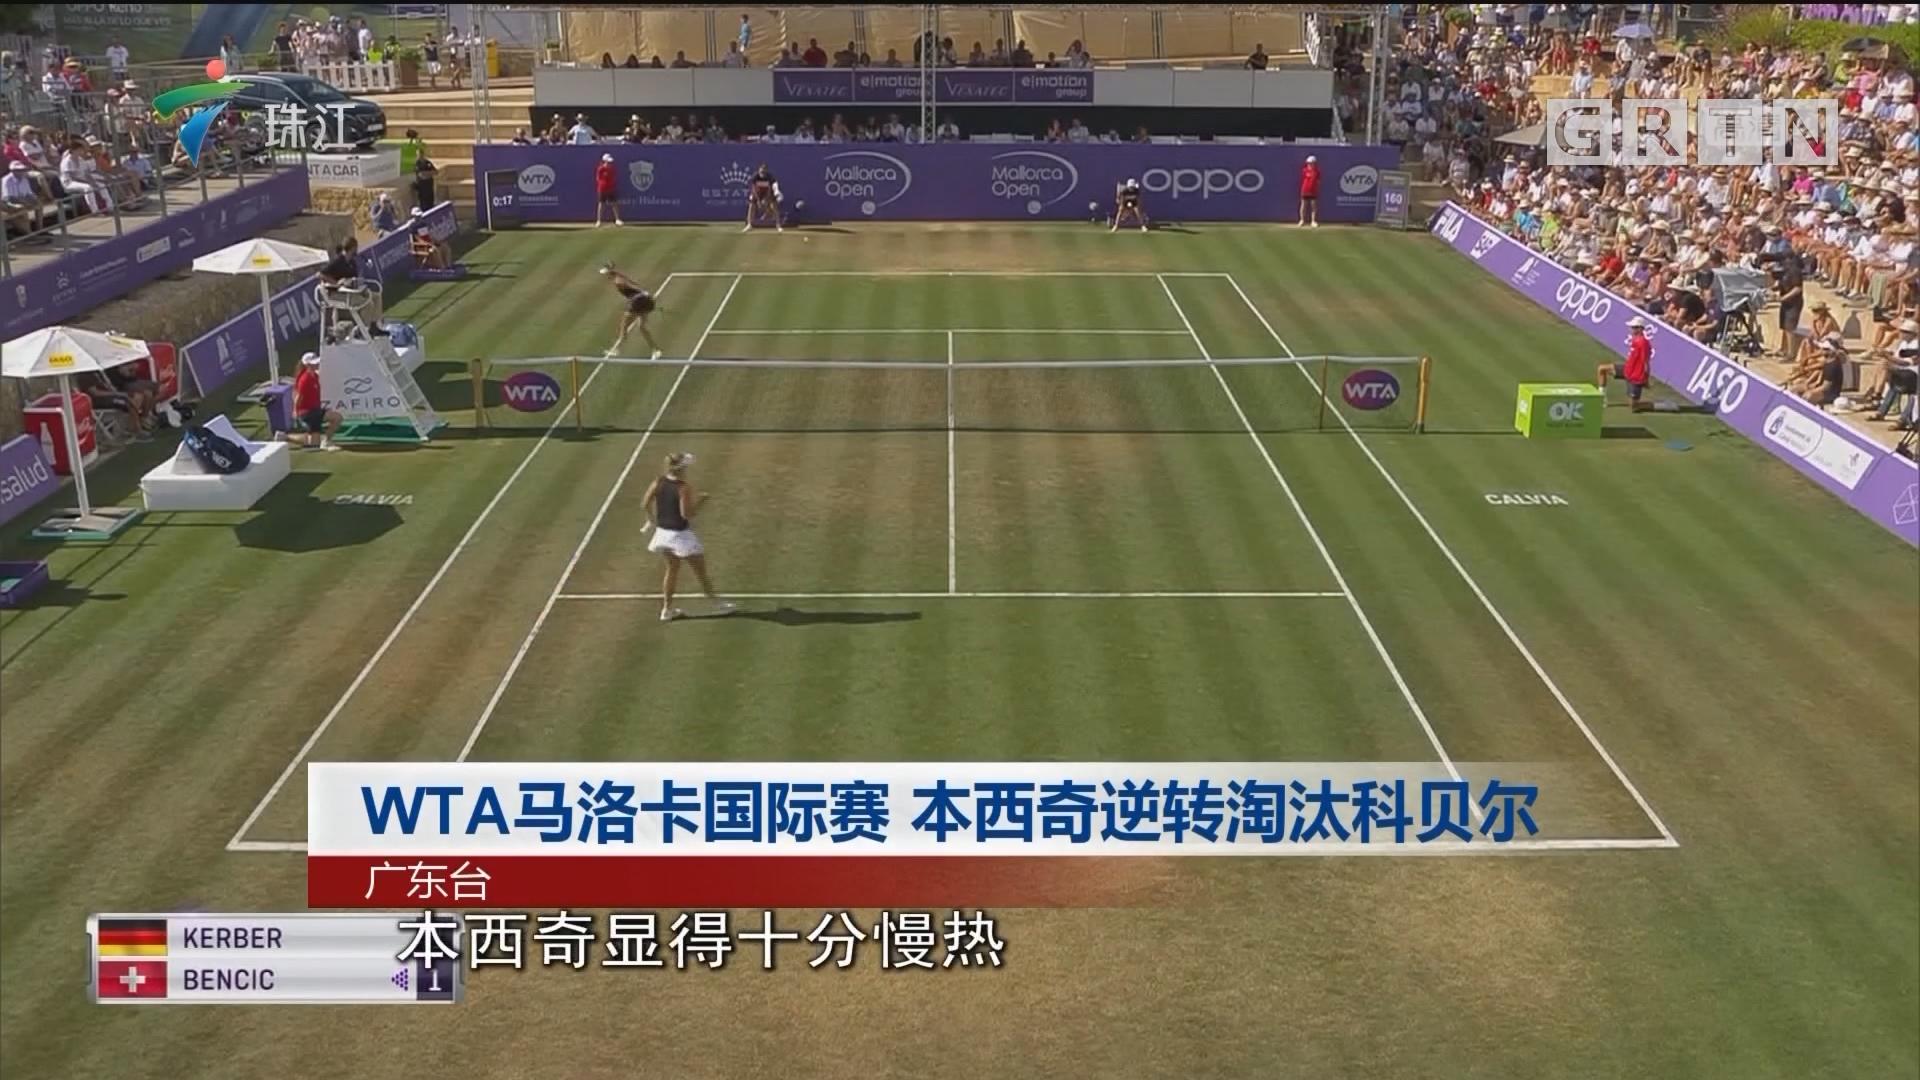 WTA马洛卡国际赛 本西奇逆转淘汰科贝尔